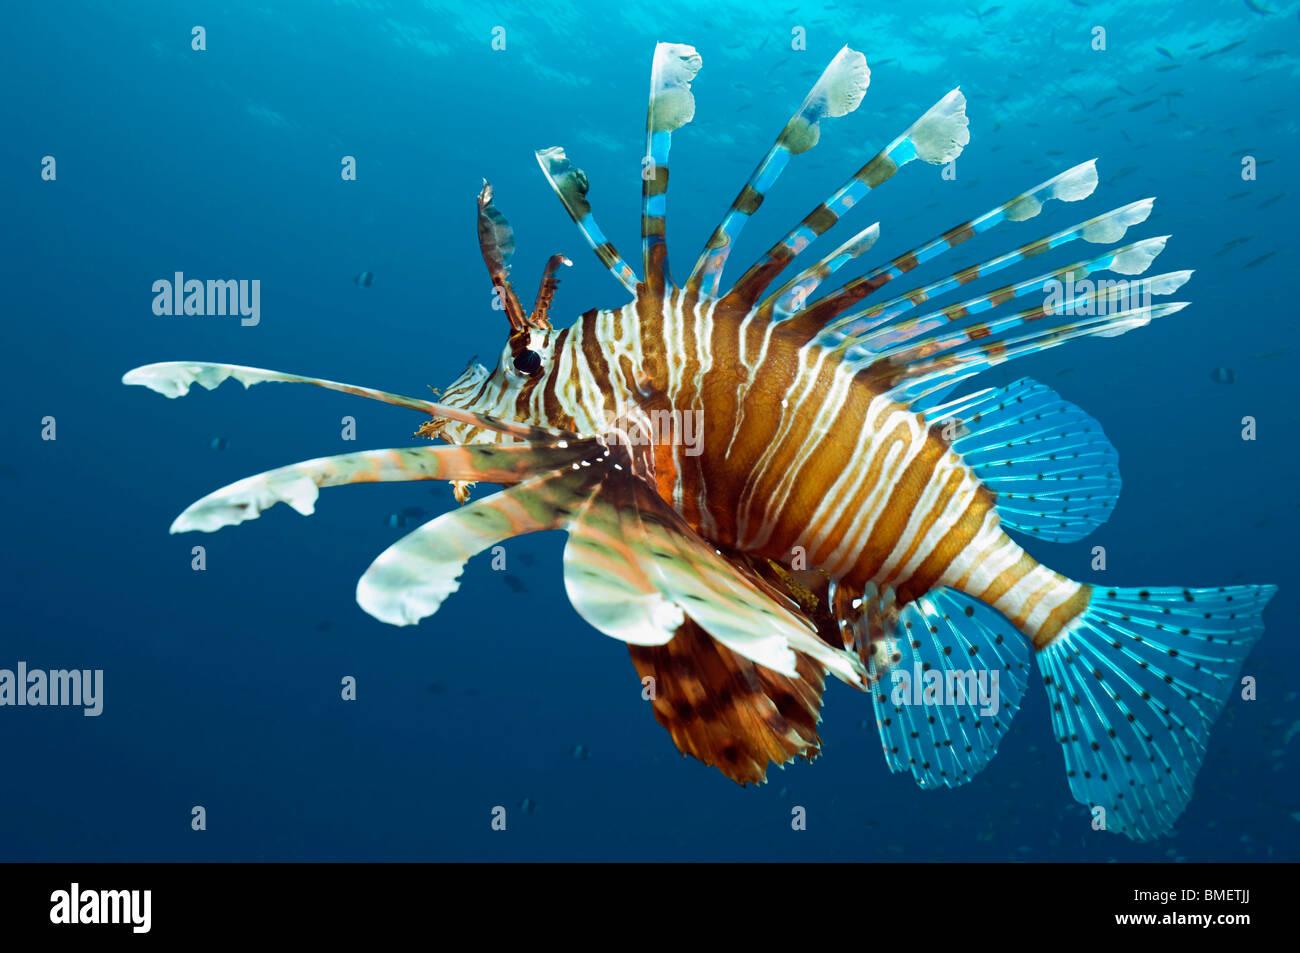 Feuerfische.  Ägypten, Rotes Meer. Stockfoto